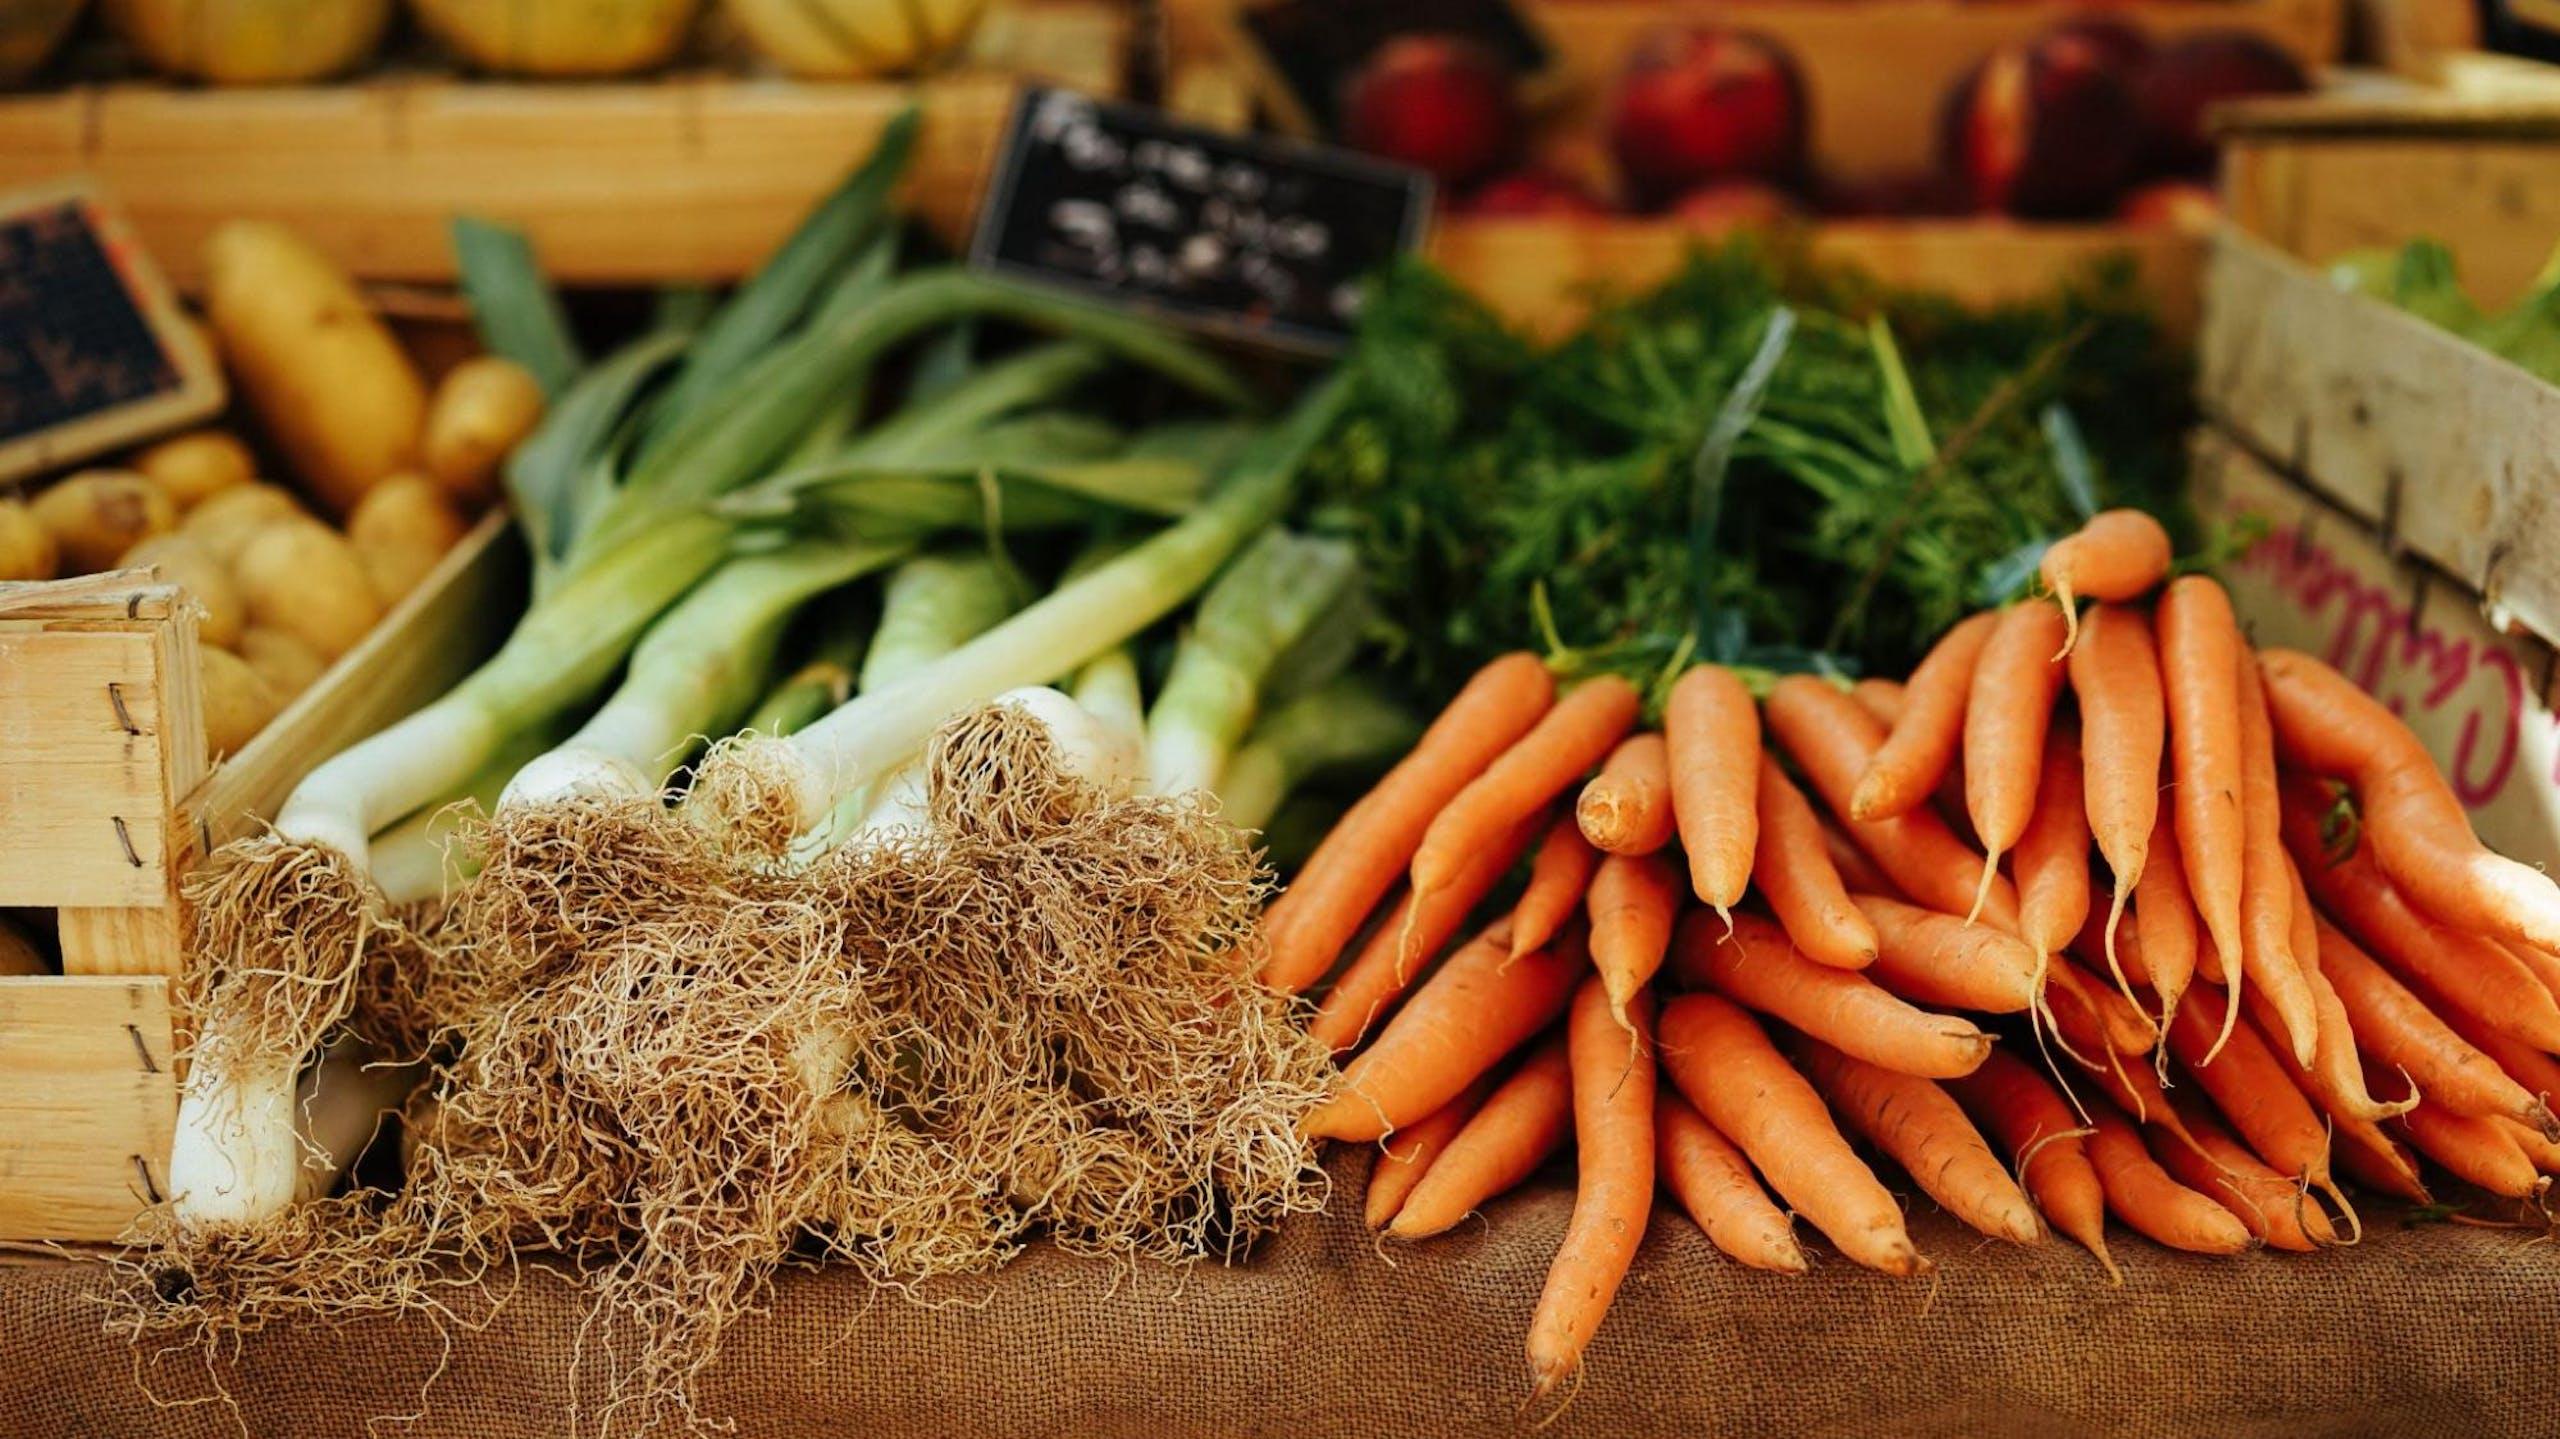 carottes poireaux légumes